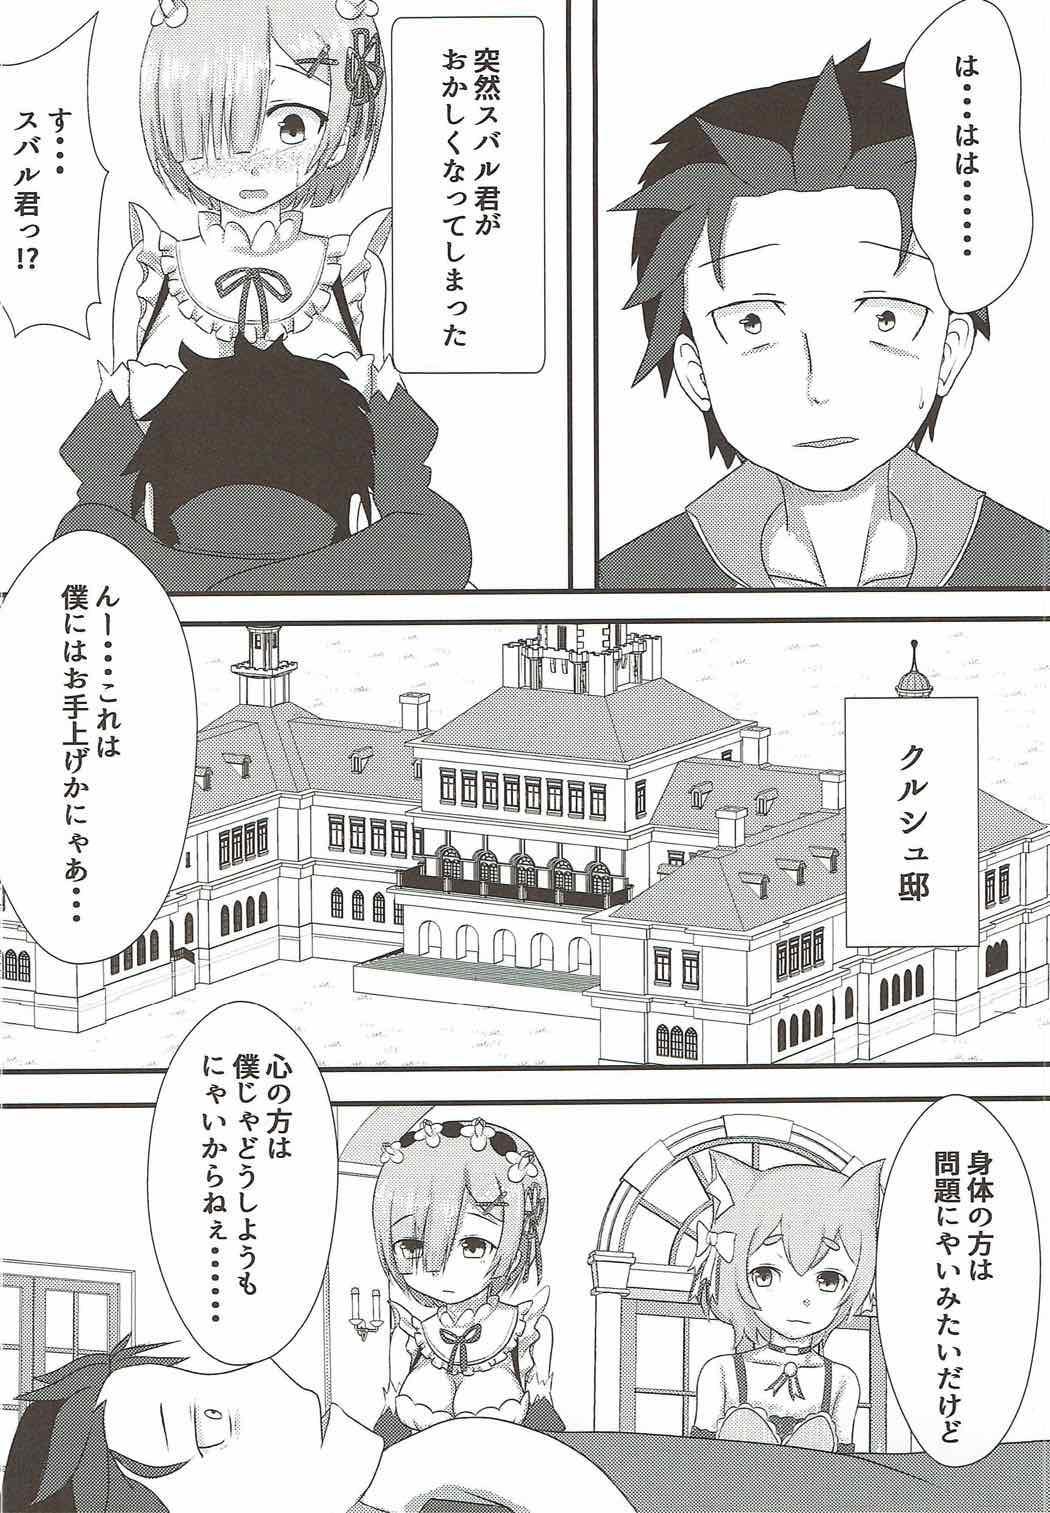 Subaru-kun wa Rem ga Nagusamete Agemasu 2